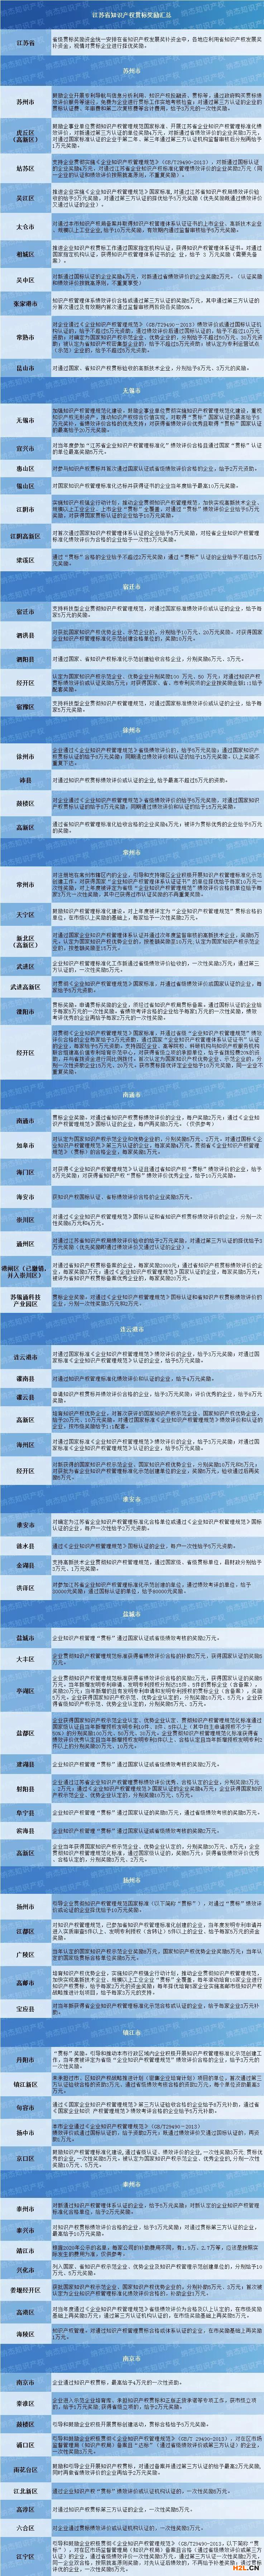 江苏省知识产权贯标奖励政策汇总,88个地区!